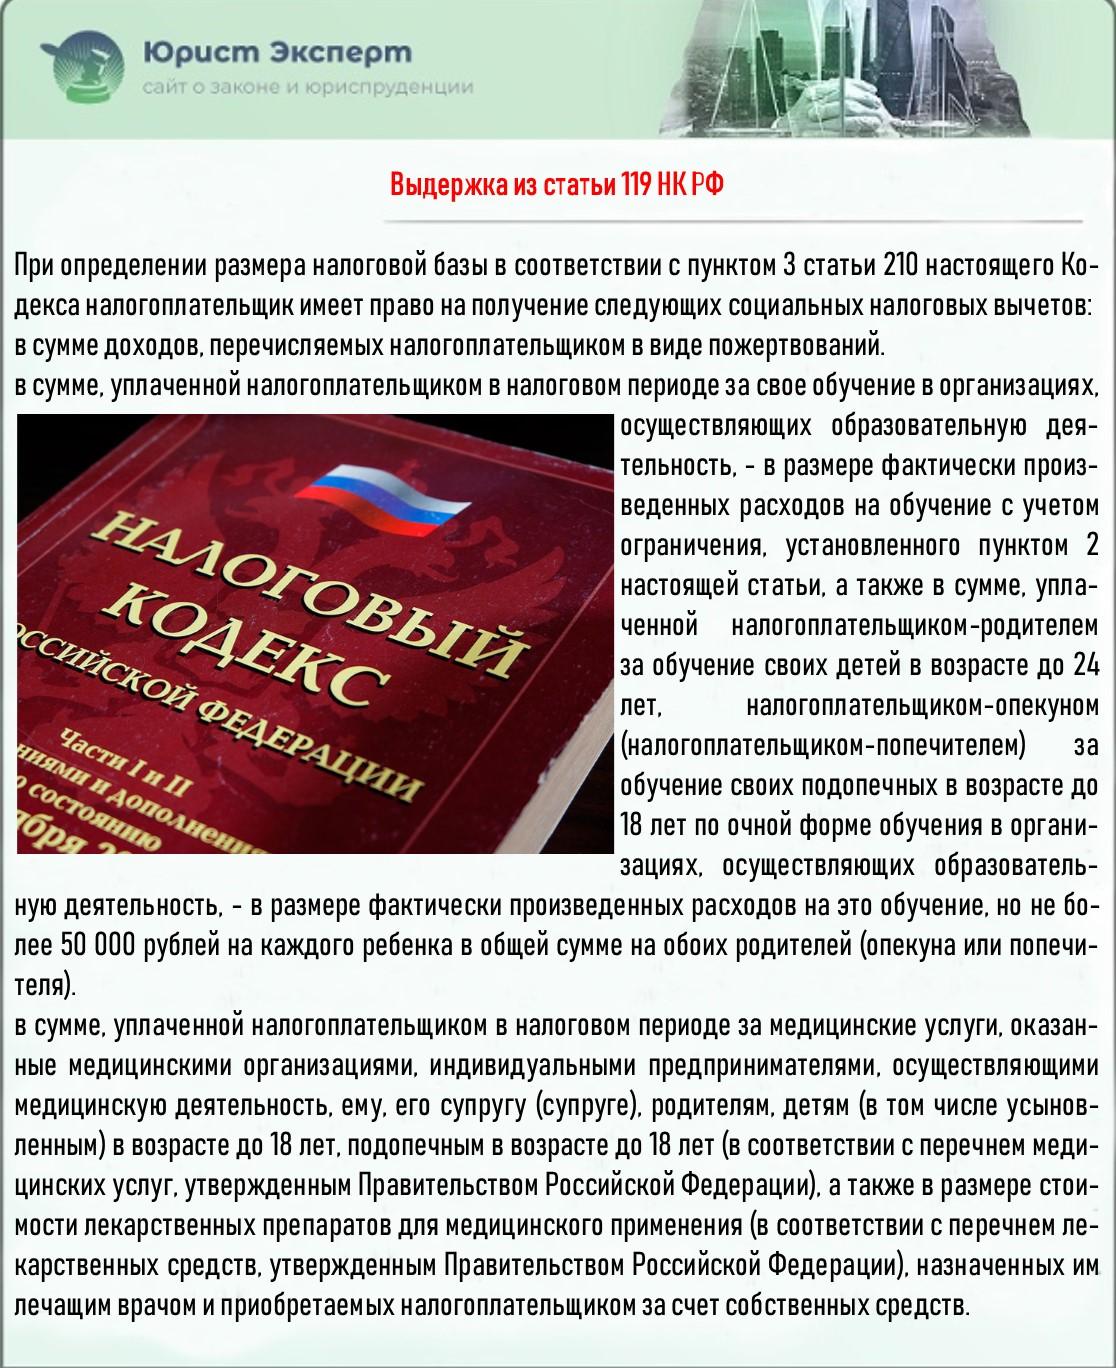 Выдержка из статьи 119 НК РФ